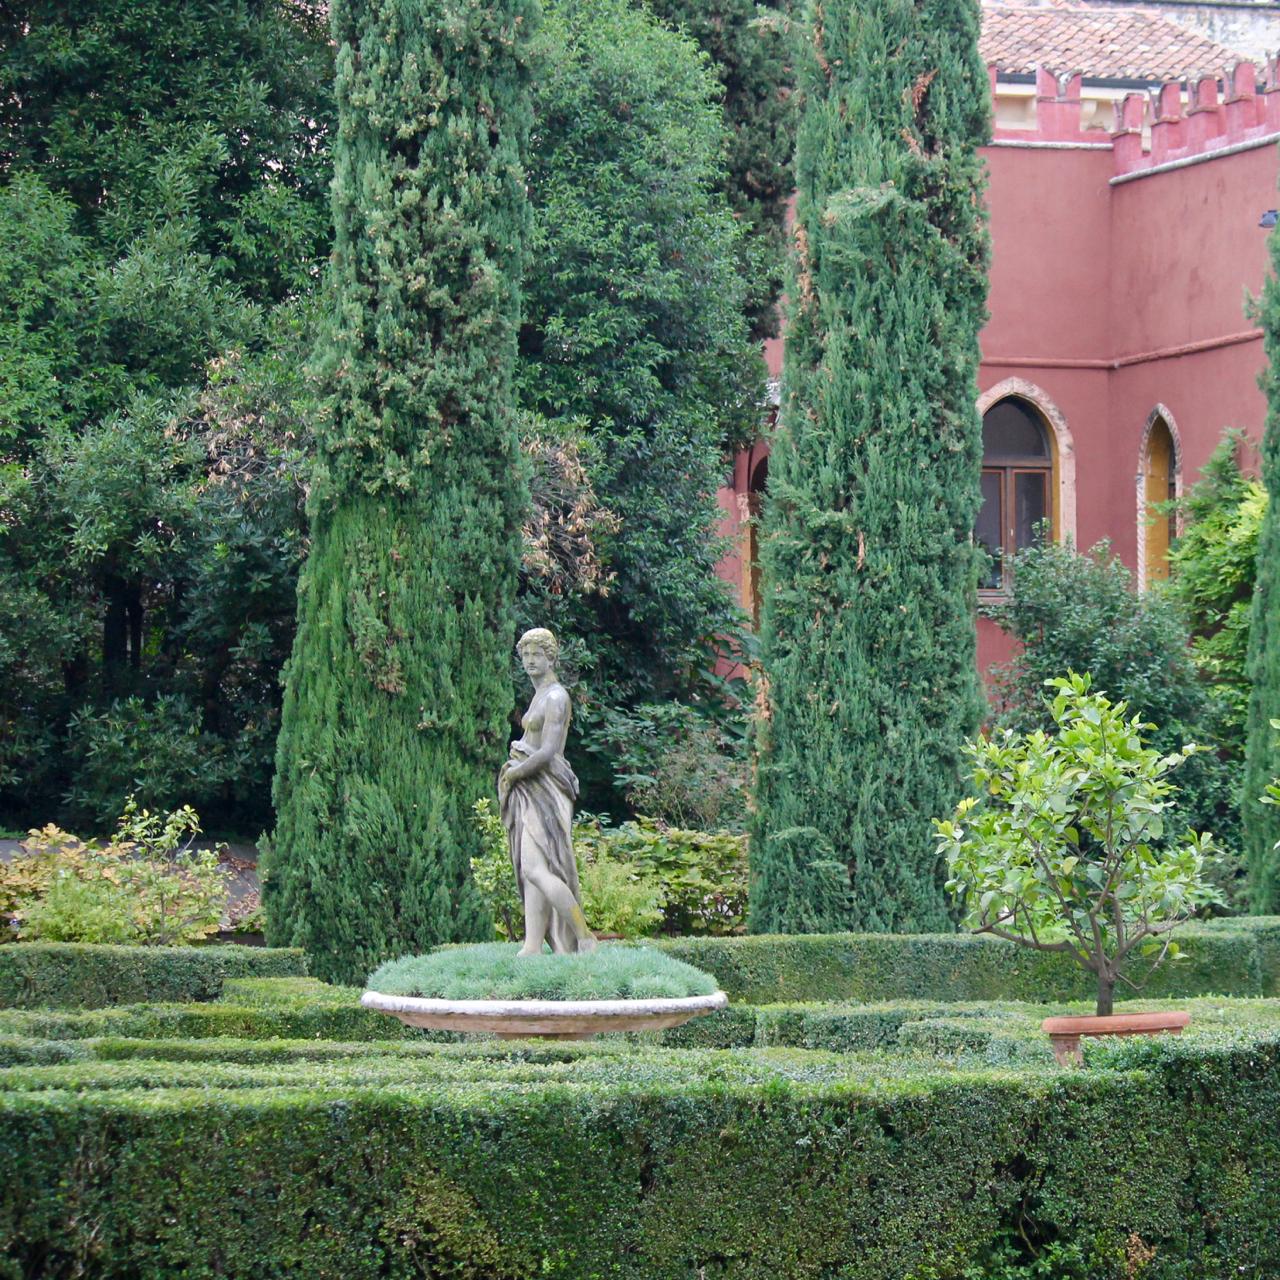 Verona, Italy - 9